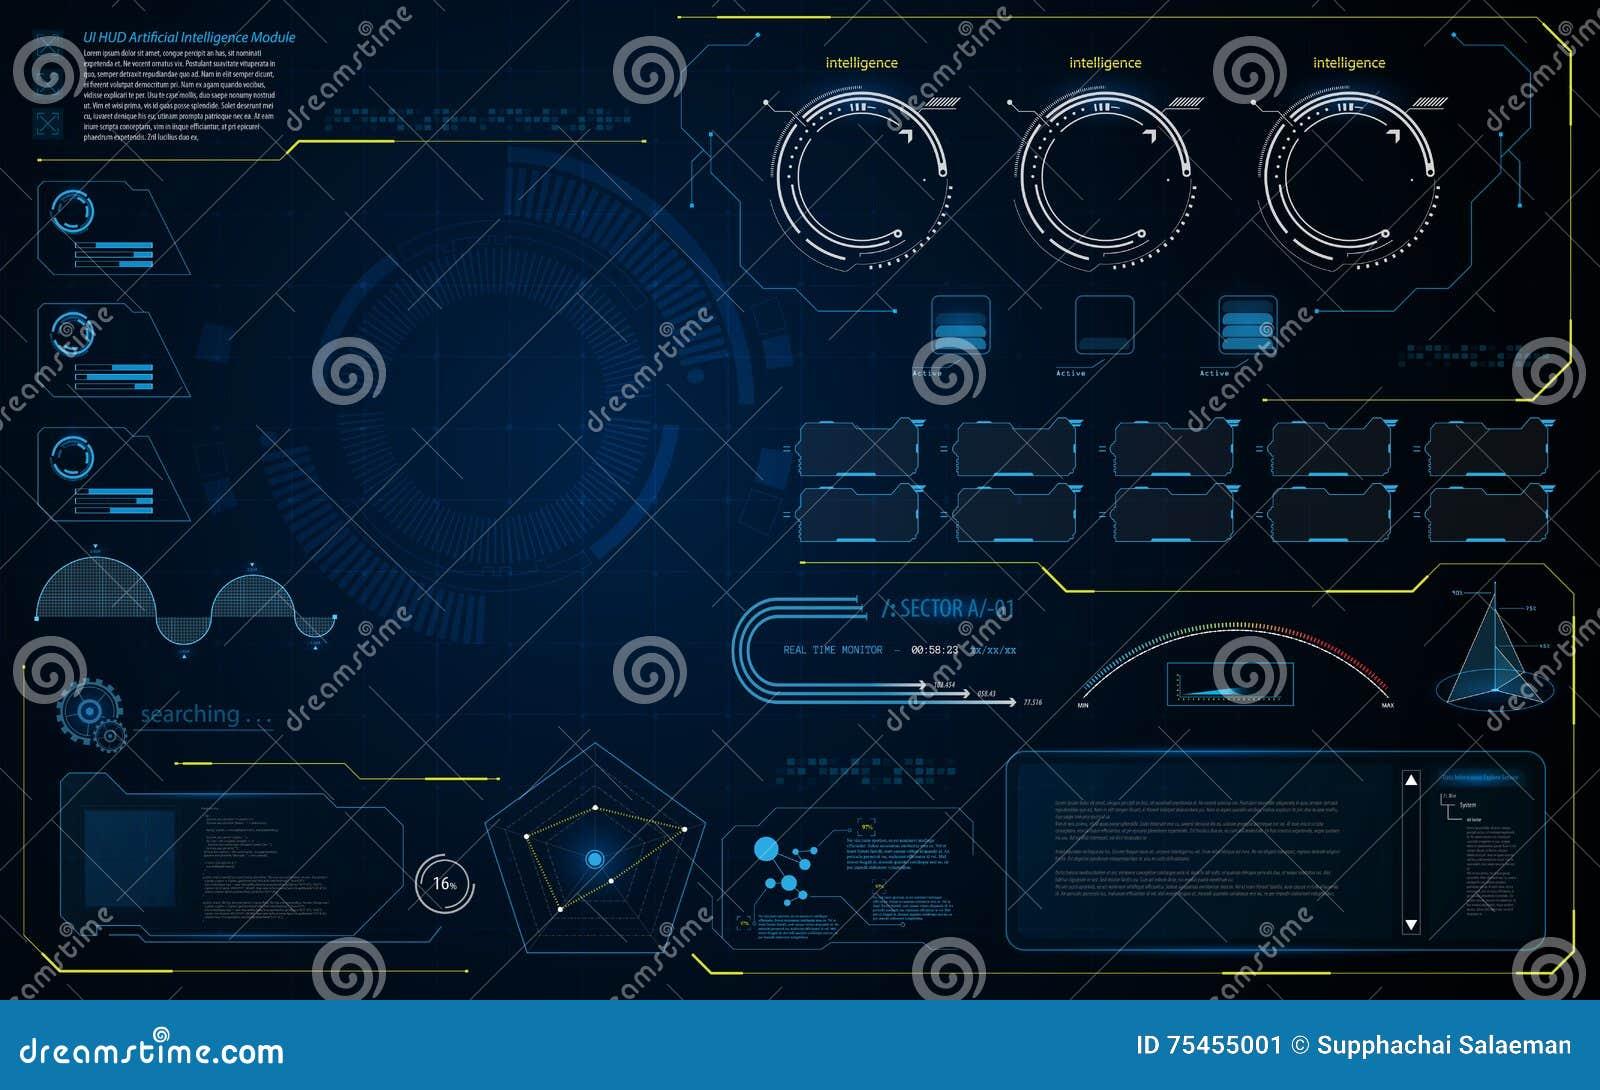 抽象HUD UI接口数据诊断conept设计模板背景